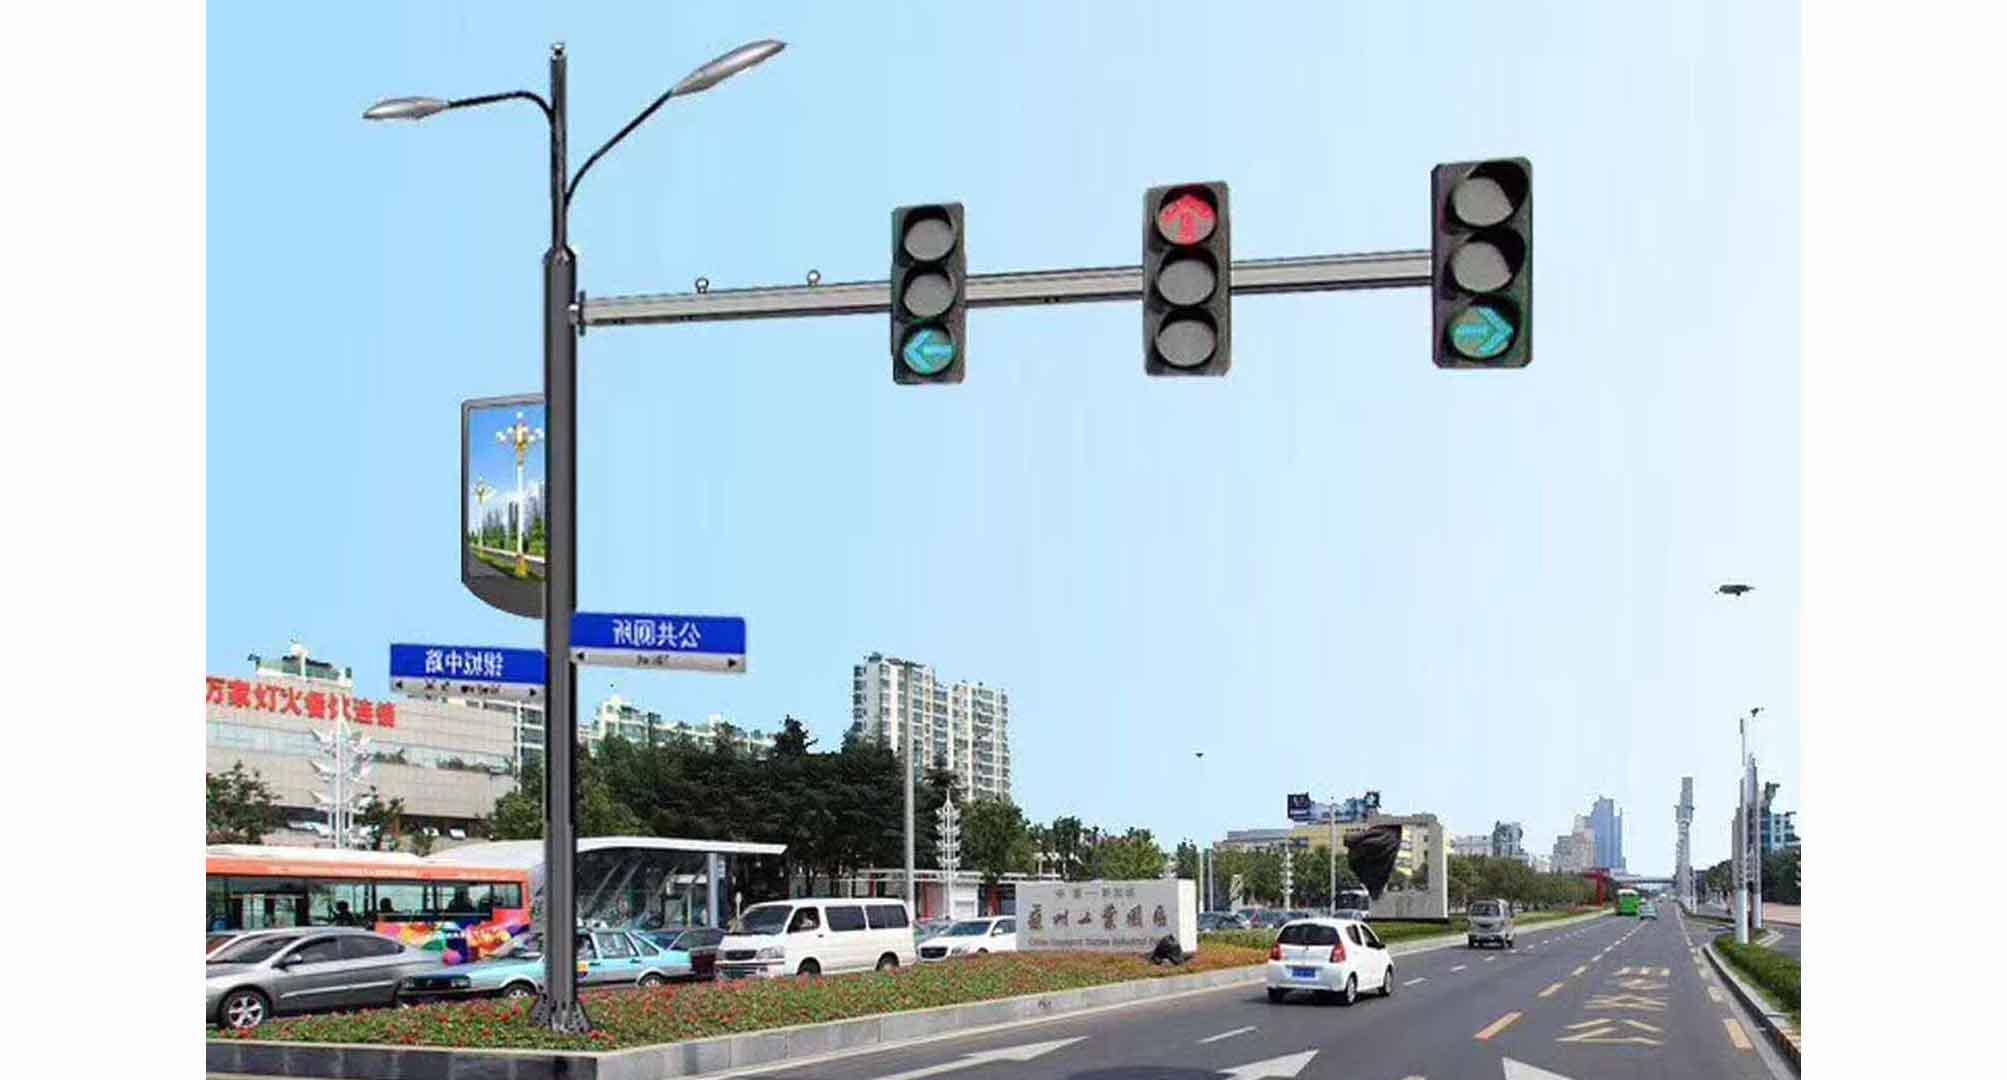 四川路灯灯杆的喷塑处理介绍,一起来了解一下吧